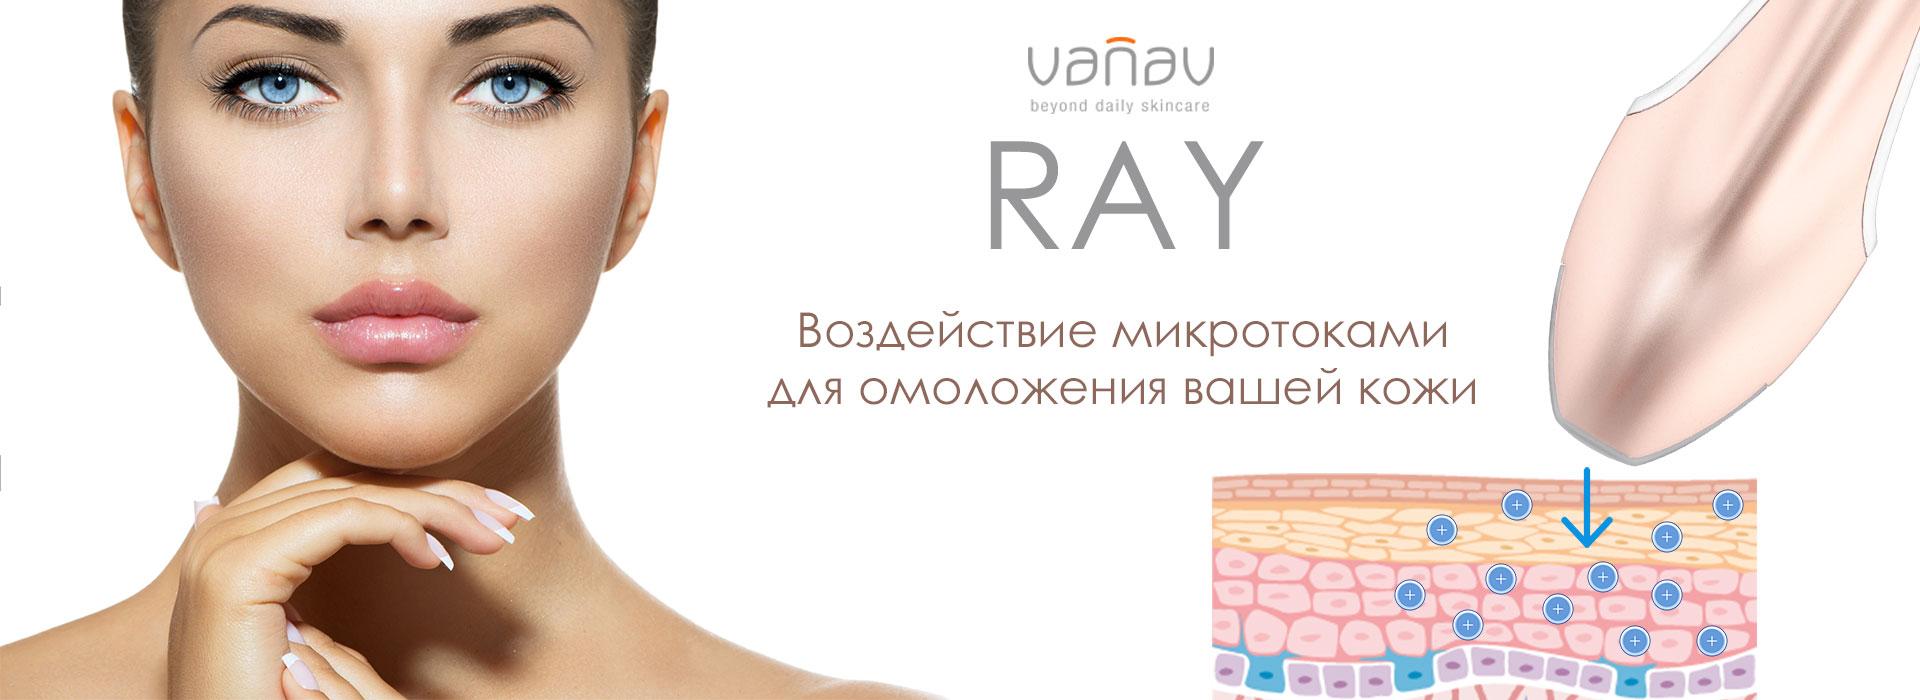 Гальванотерапия с помощью VANAV Ray